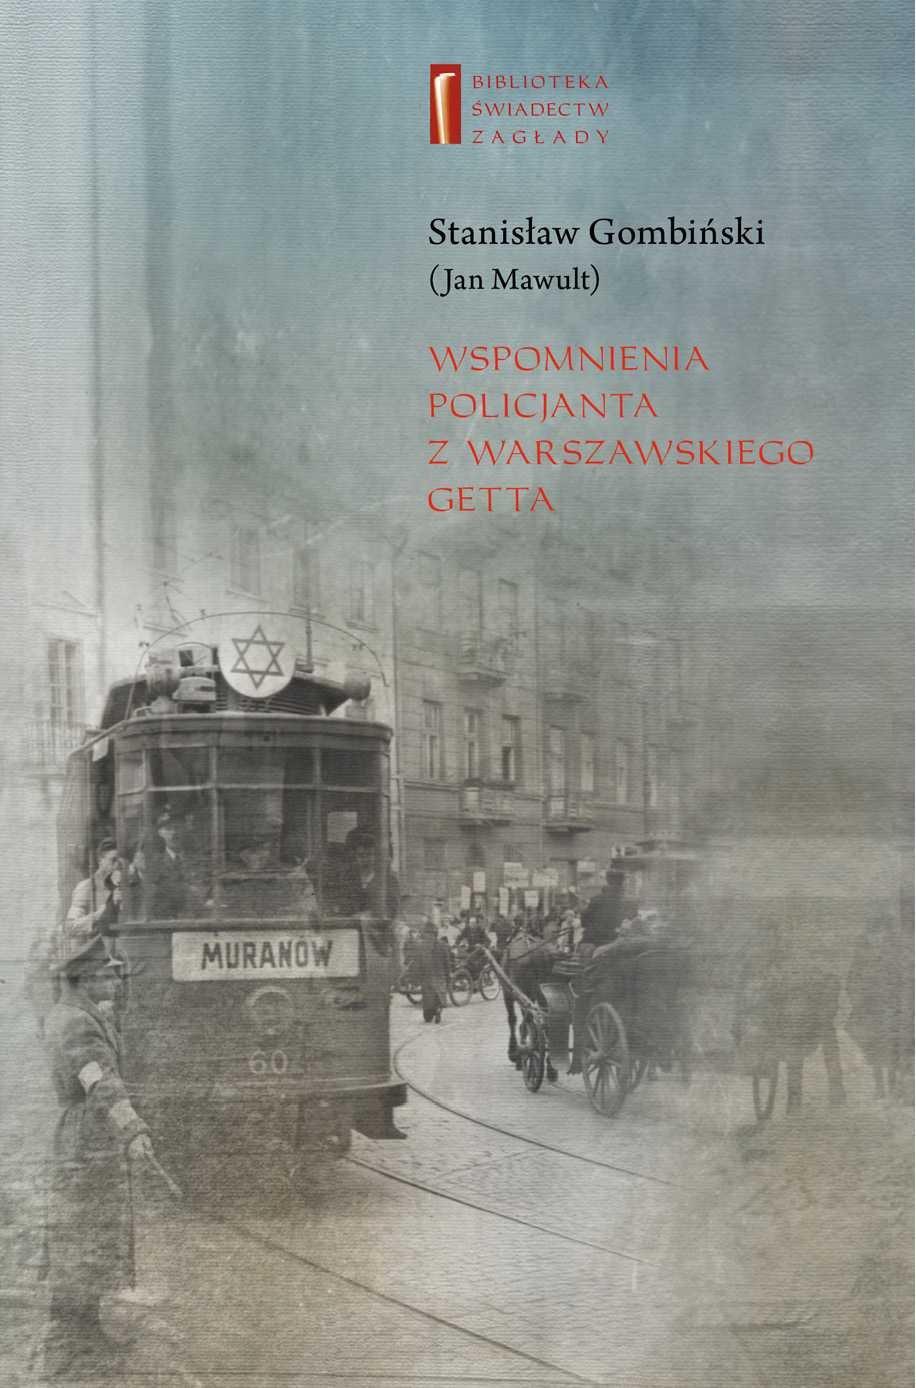 Wspomnienia policjanta z getta warszawskiego - Ebook (Książka na Kindle) do pobrania w formacie MOBI